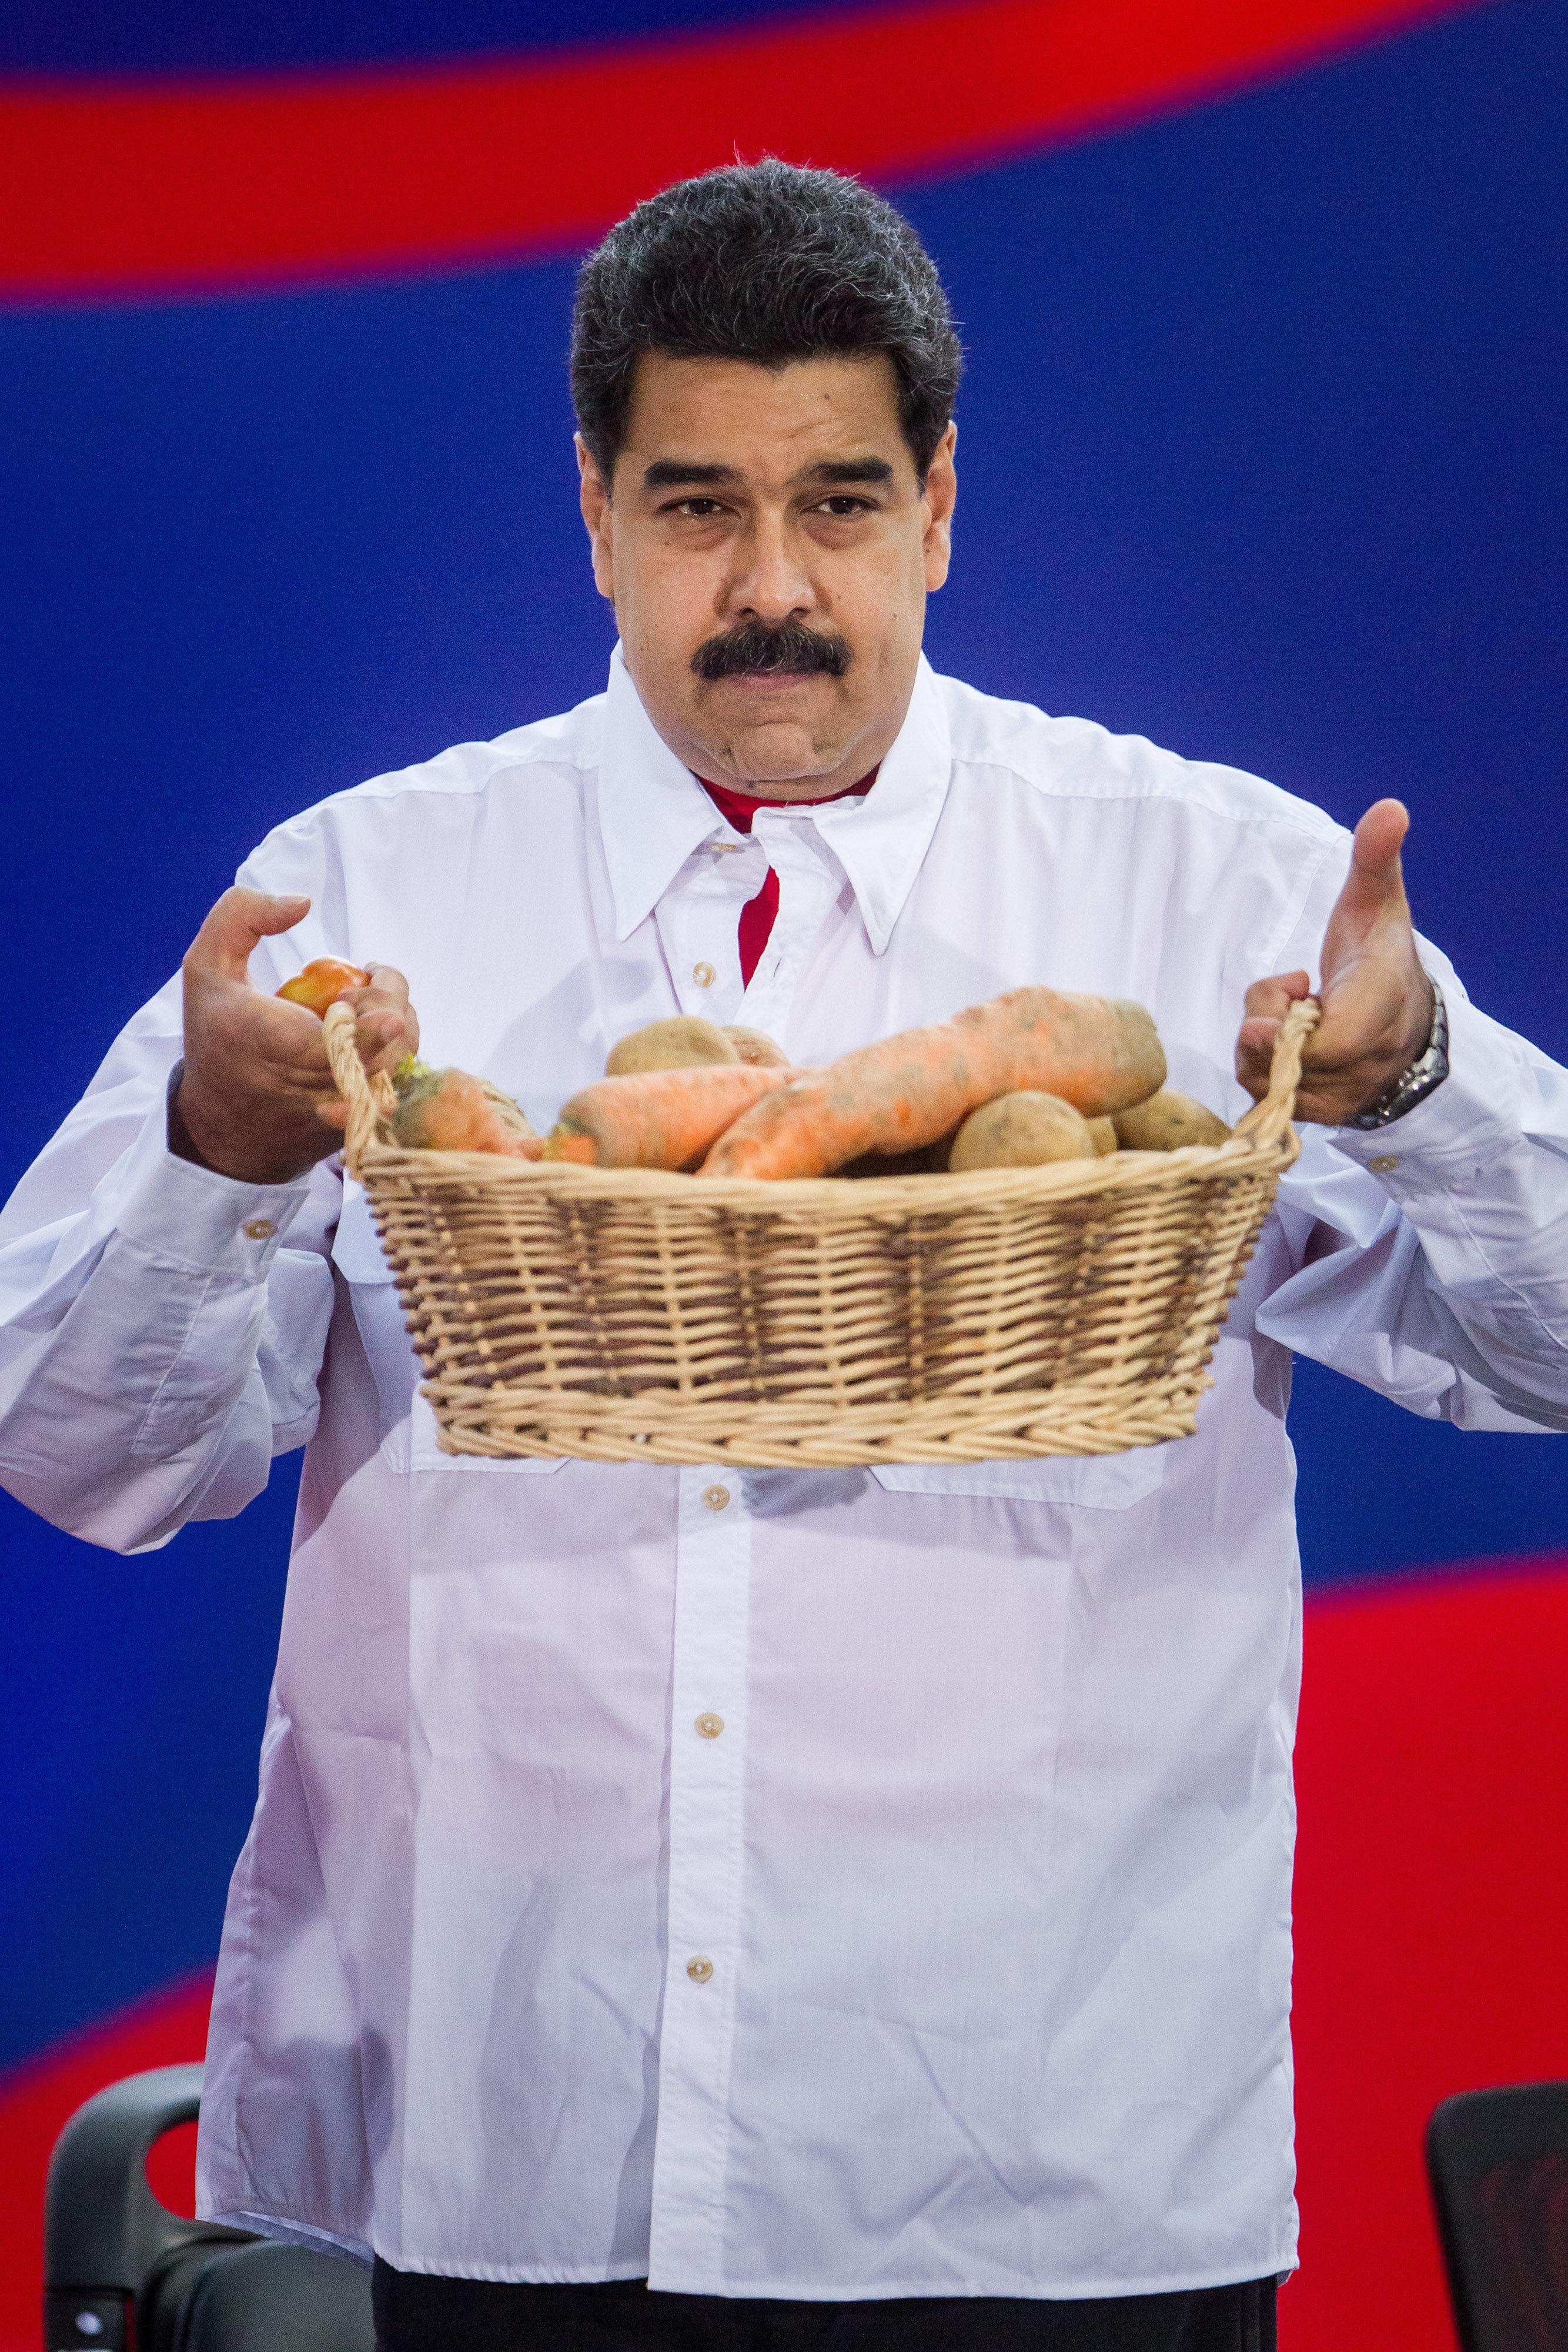 CAR08. CARACAS (VENEZUELA) 01/07/2016.- El presidente de Venezuela Nicolás Maduro sostiene una cesta con verduras durante la celebración del 13 aniversario de la Misión Robinson hoy, viernes 1 de julio de 2016, en la ciudad de Caracas (Venezuela). La Misión Robinson es un programa de alfabetización creado por el fallecido presidente venezolano Hugo Chávez. EFE/MIGUEL GUTIÉRREZ